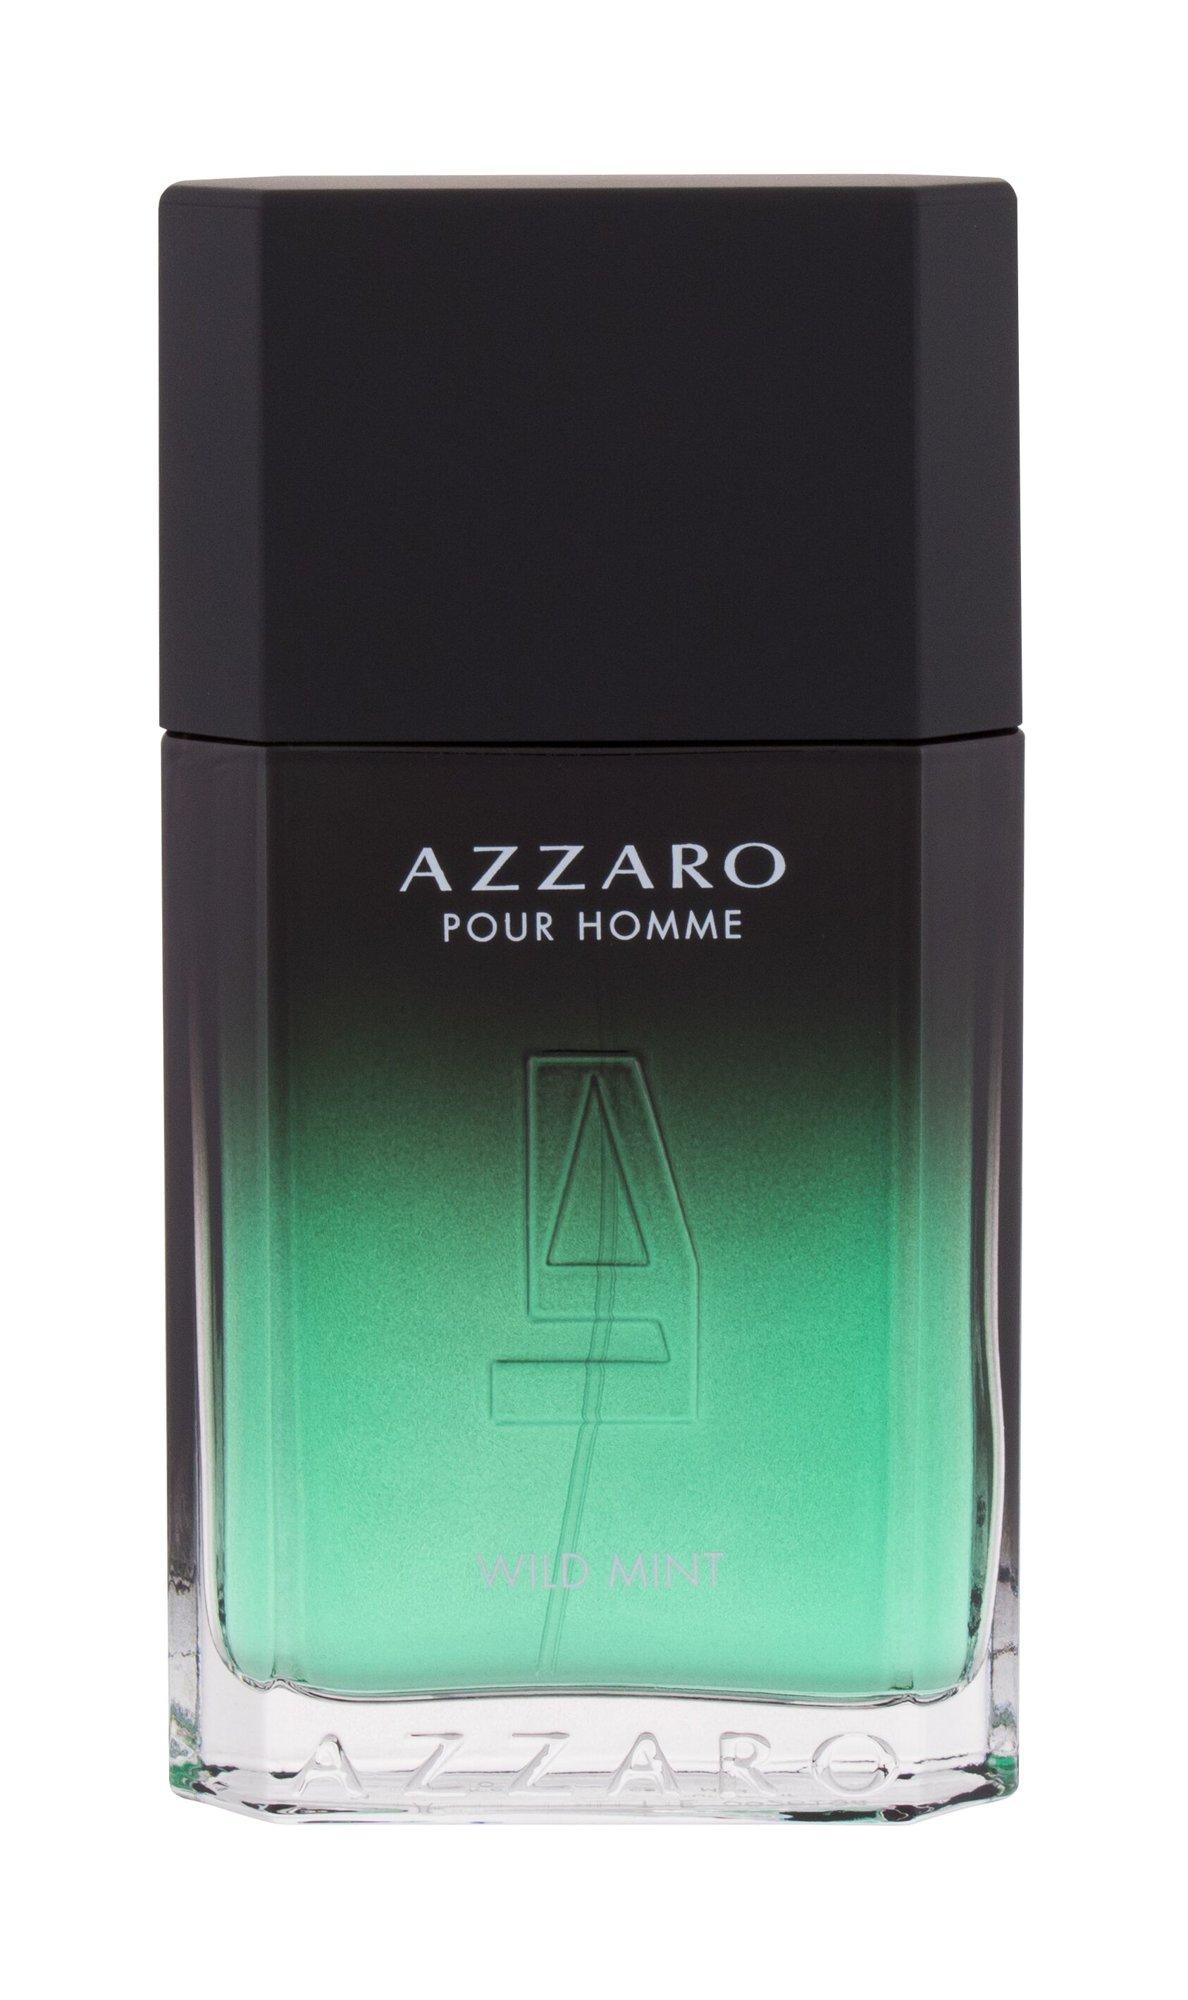 Azzaro Wild Mint, edt 100ml